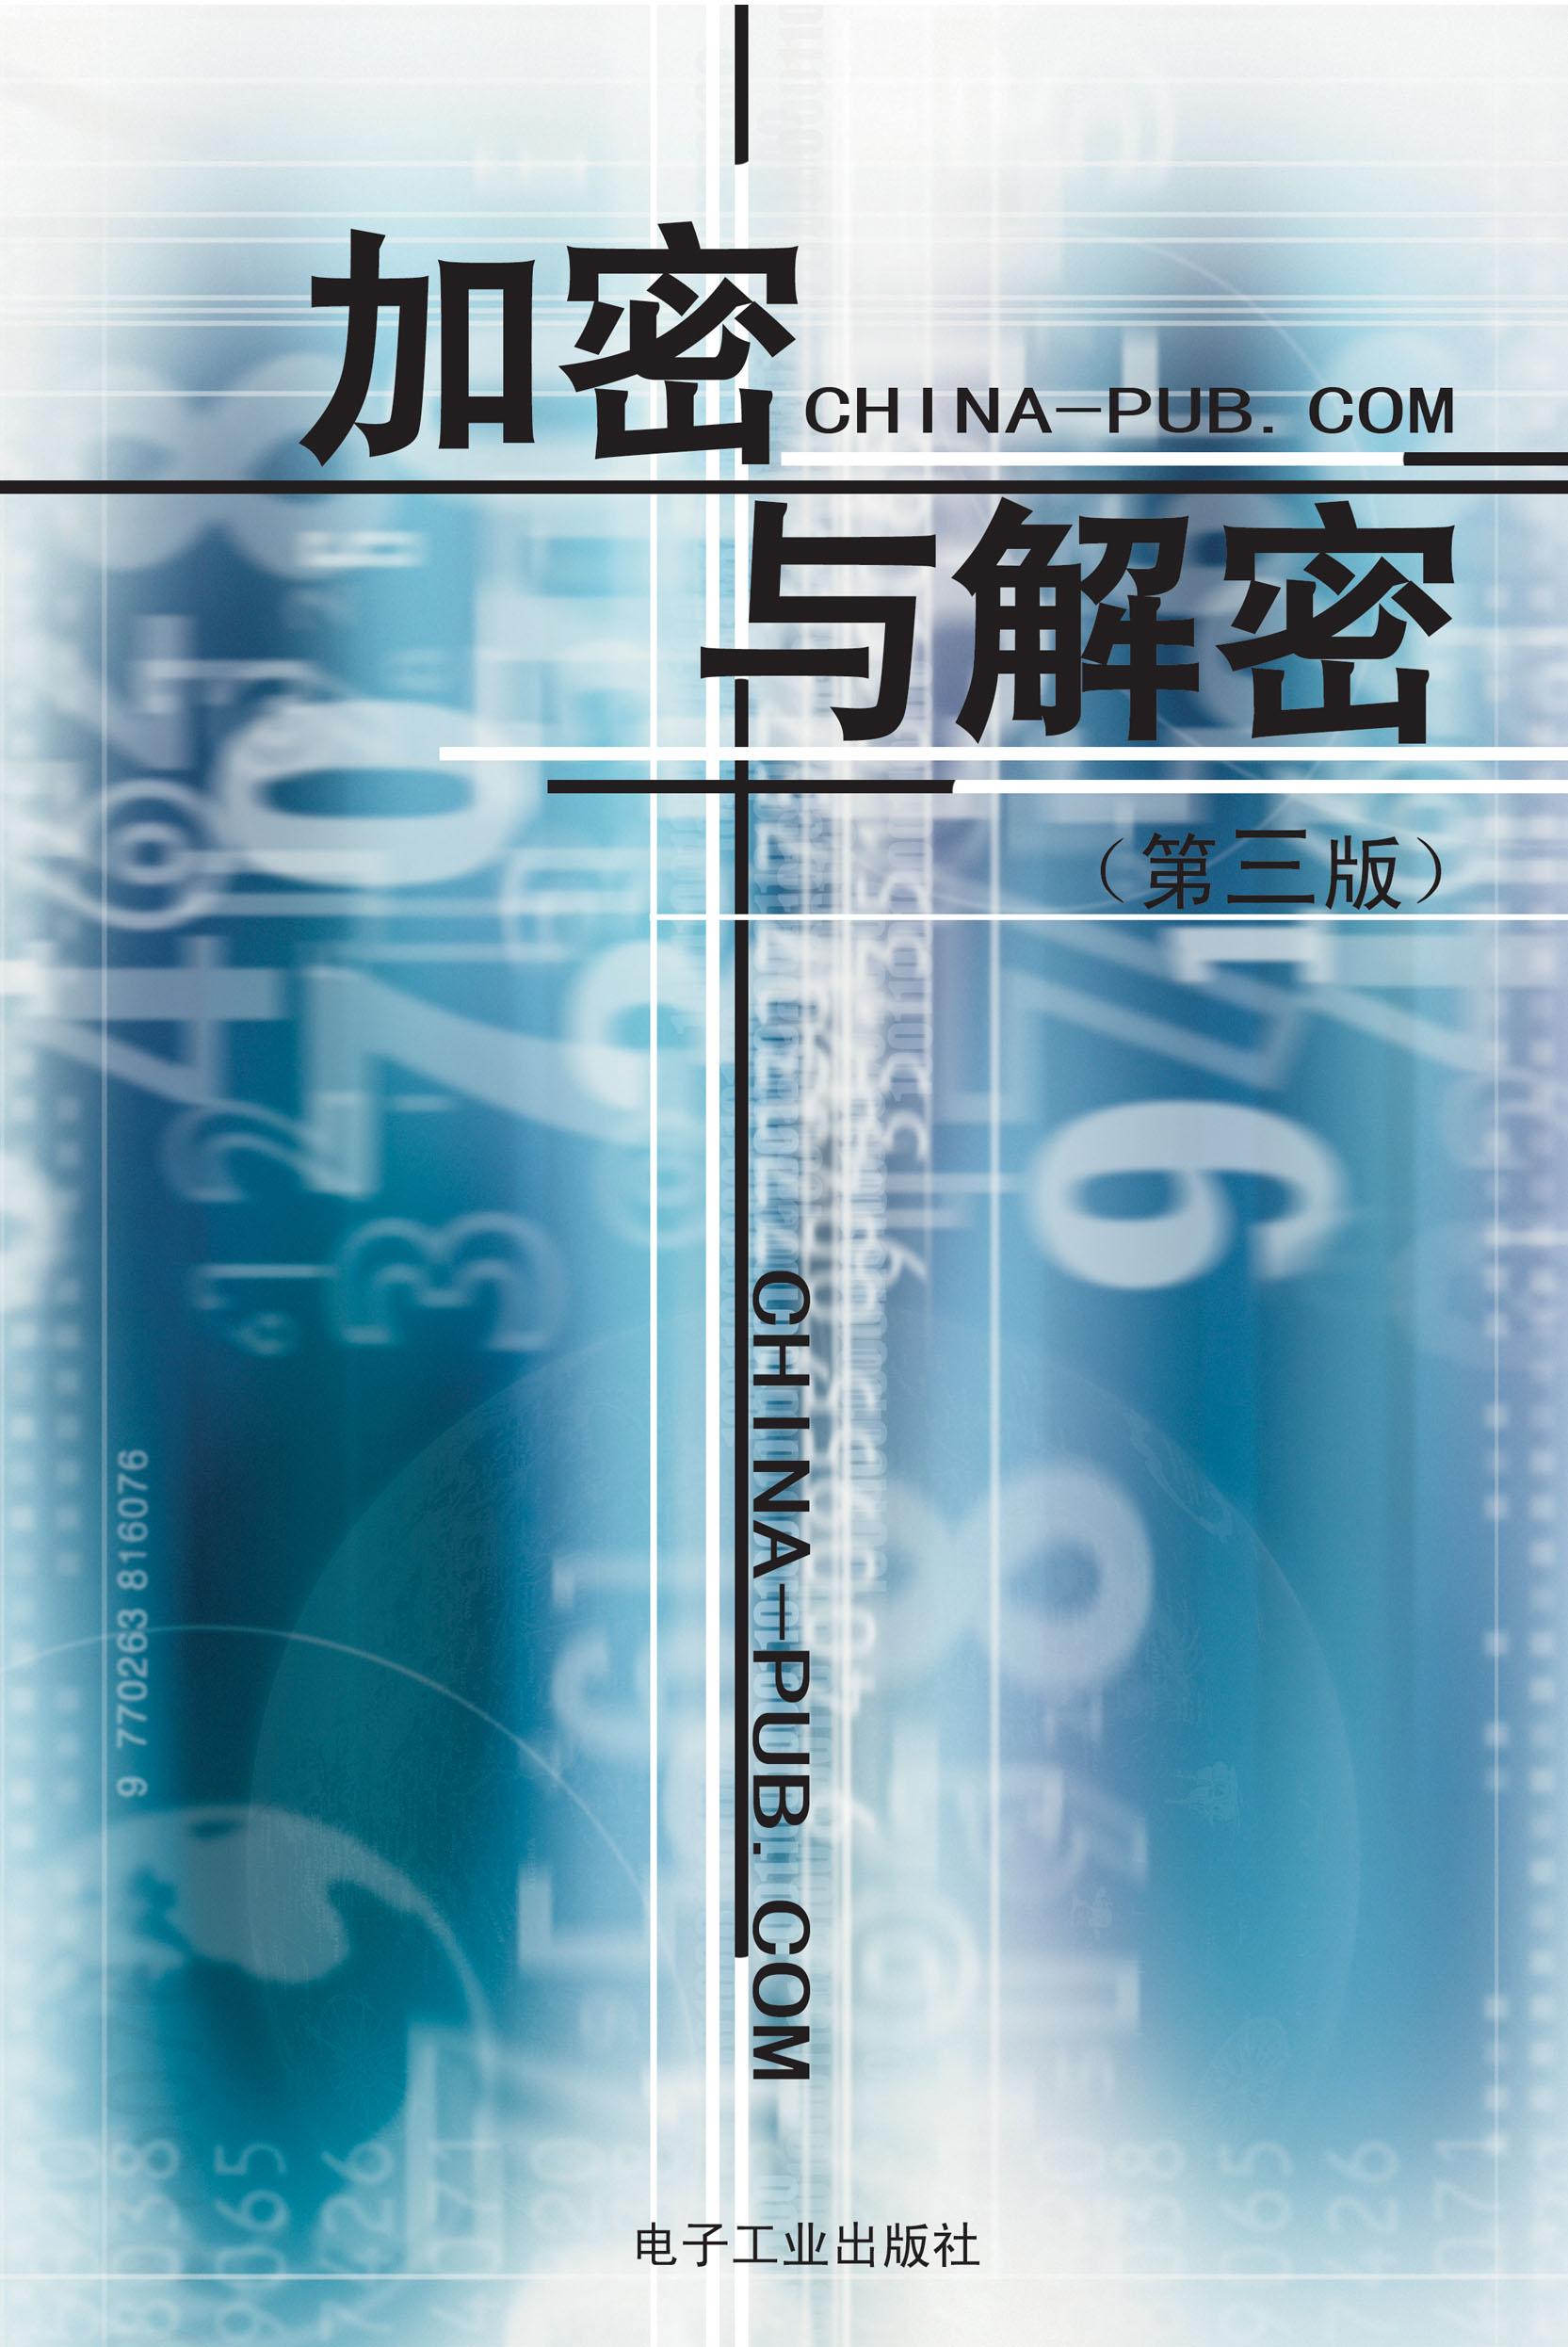 加密与解密 计算机图书封面 1059330 k68威客网